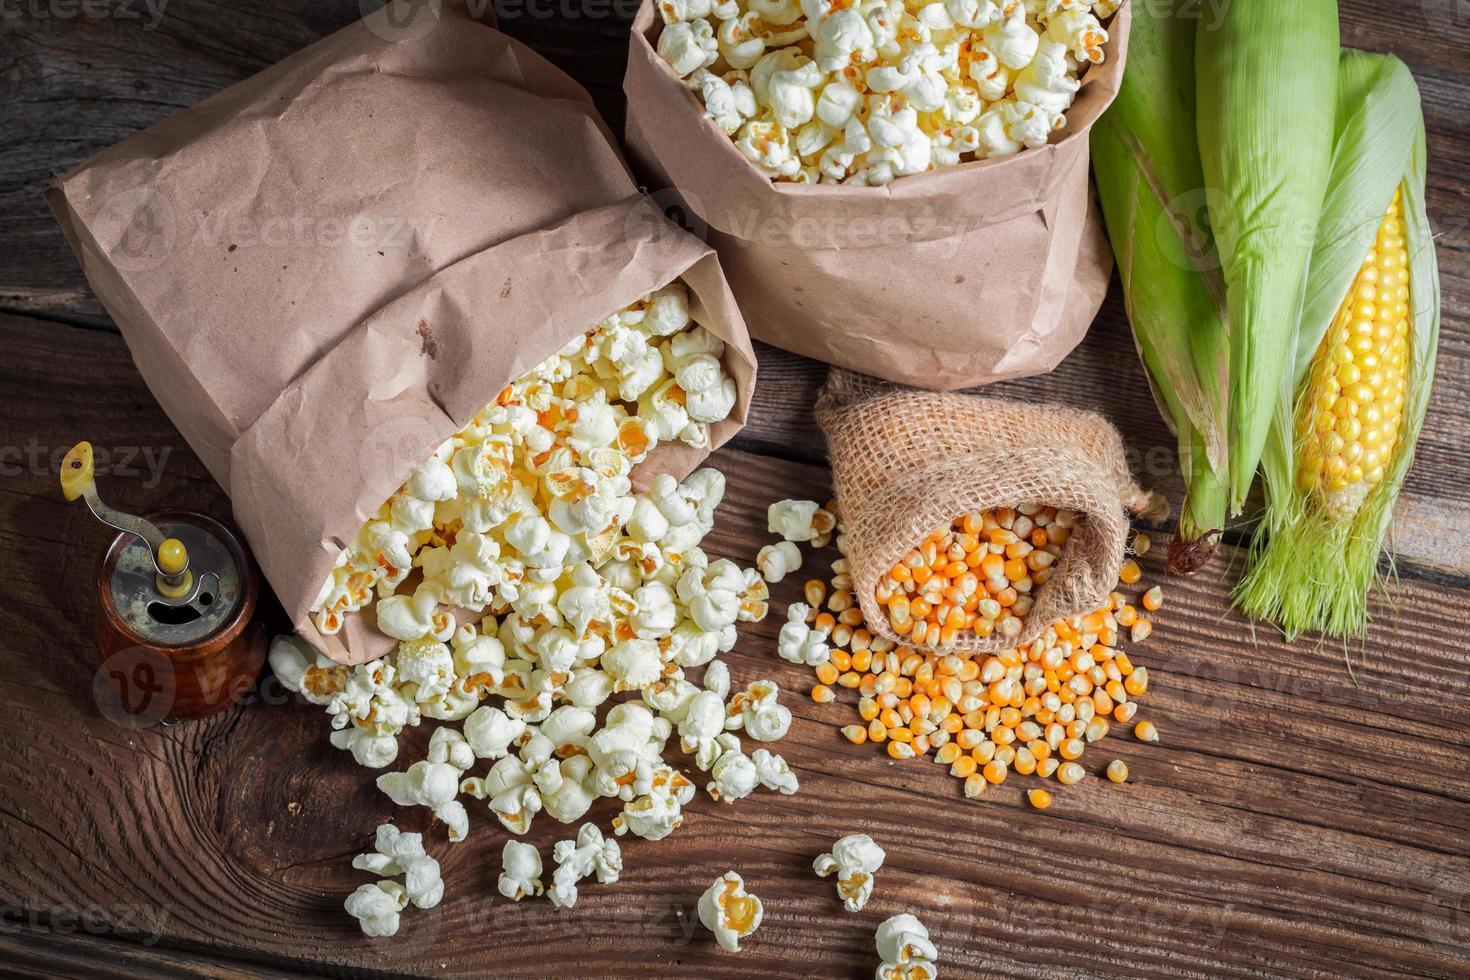 mais e popcorn in versione rustica foto